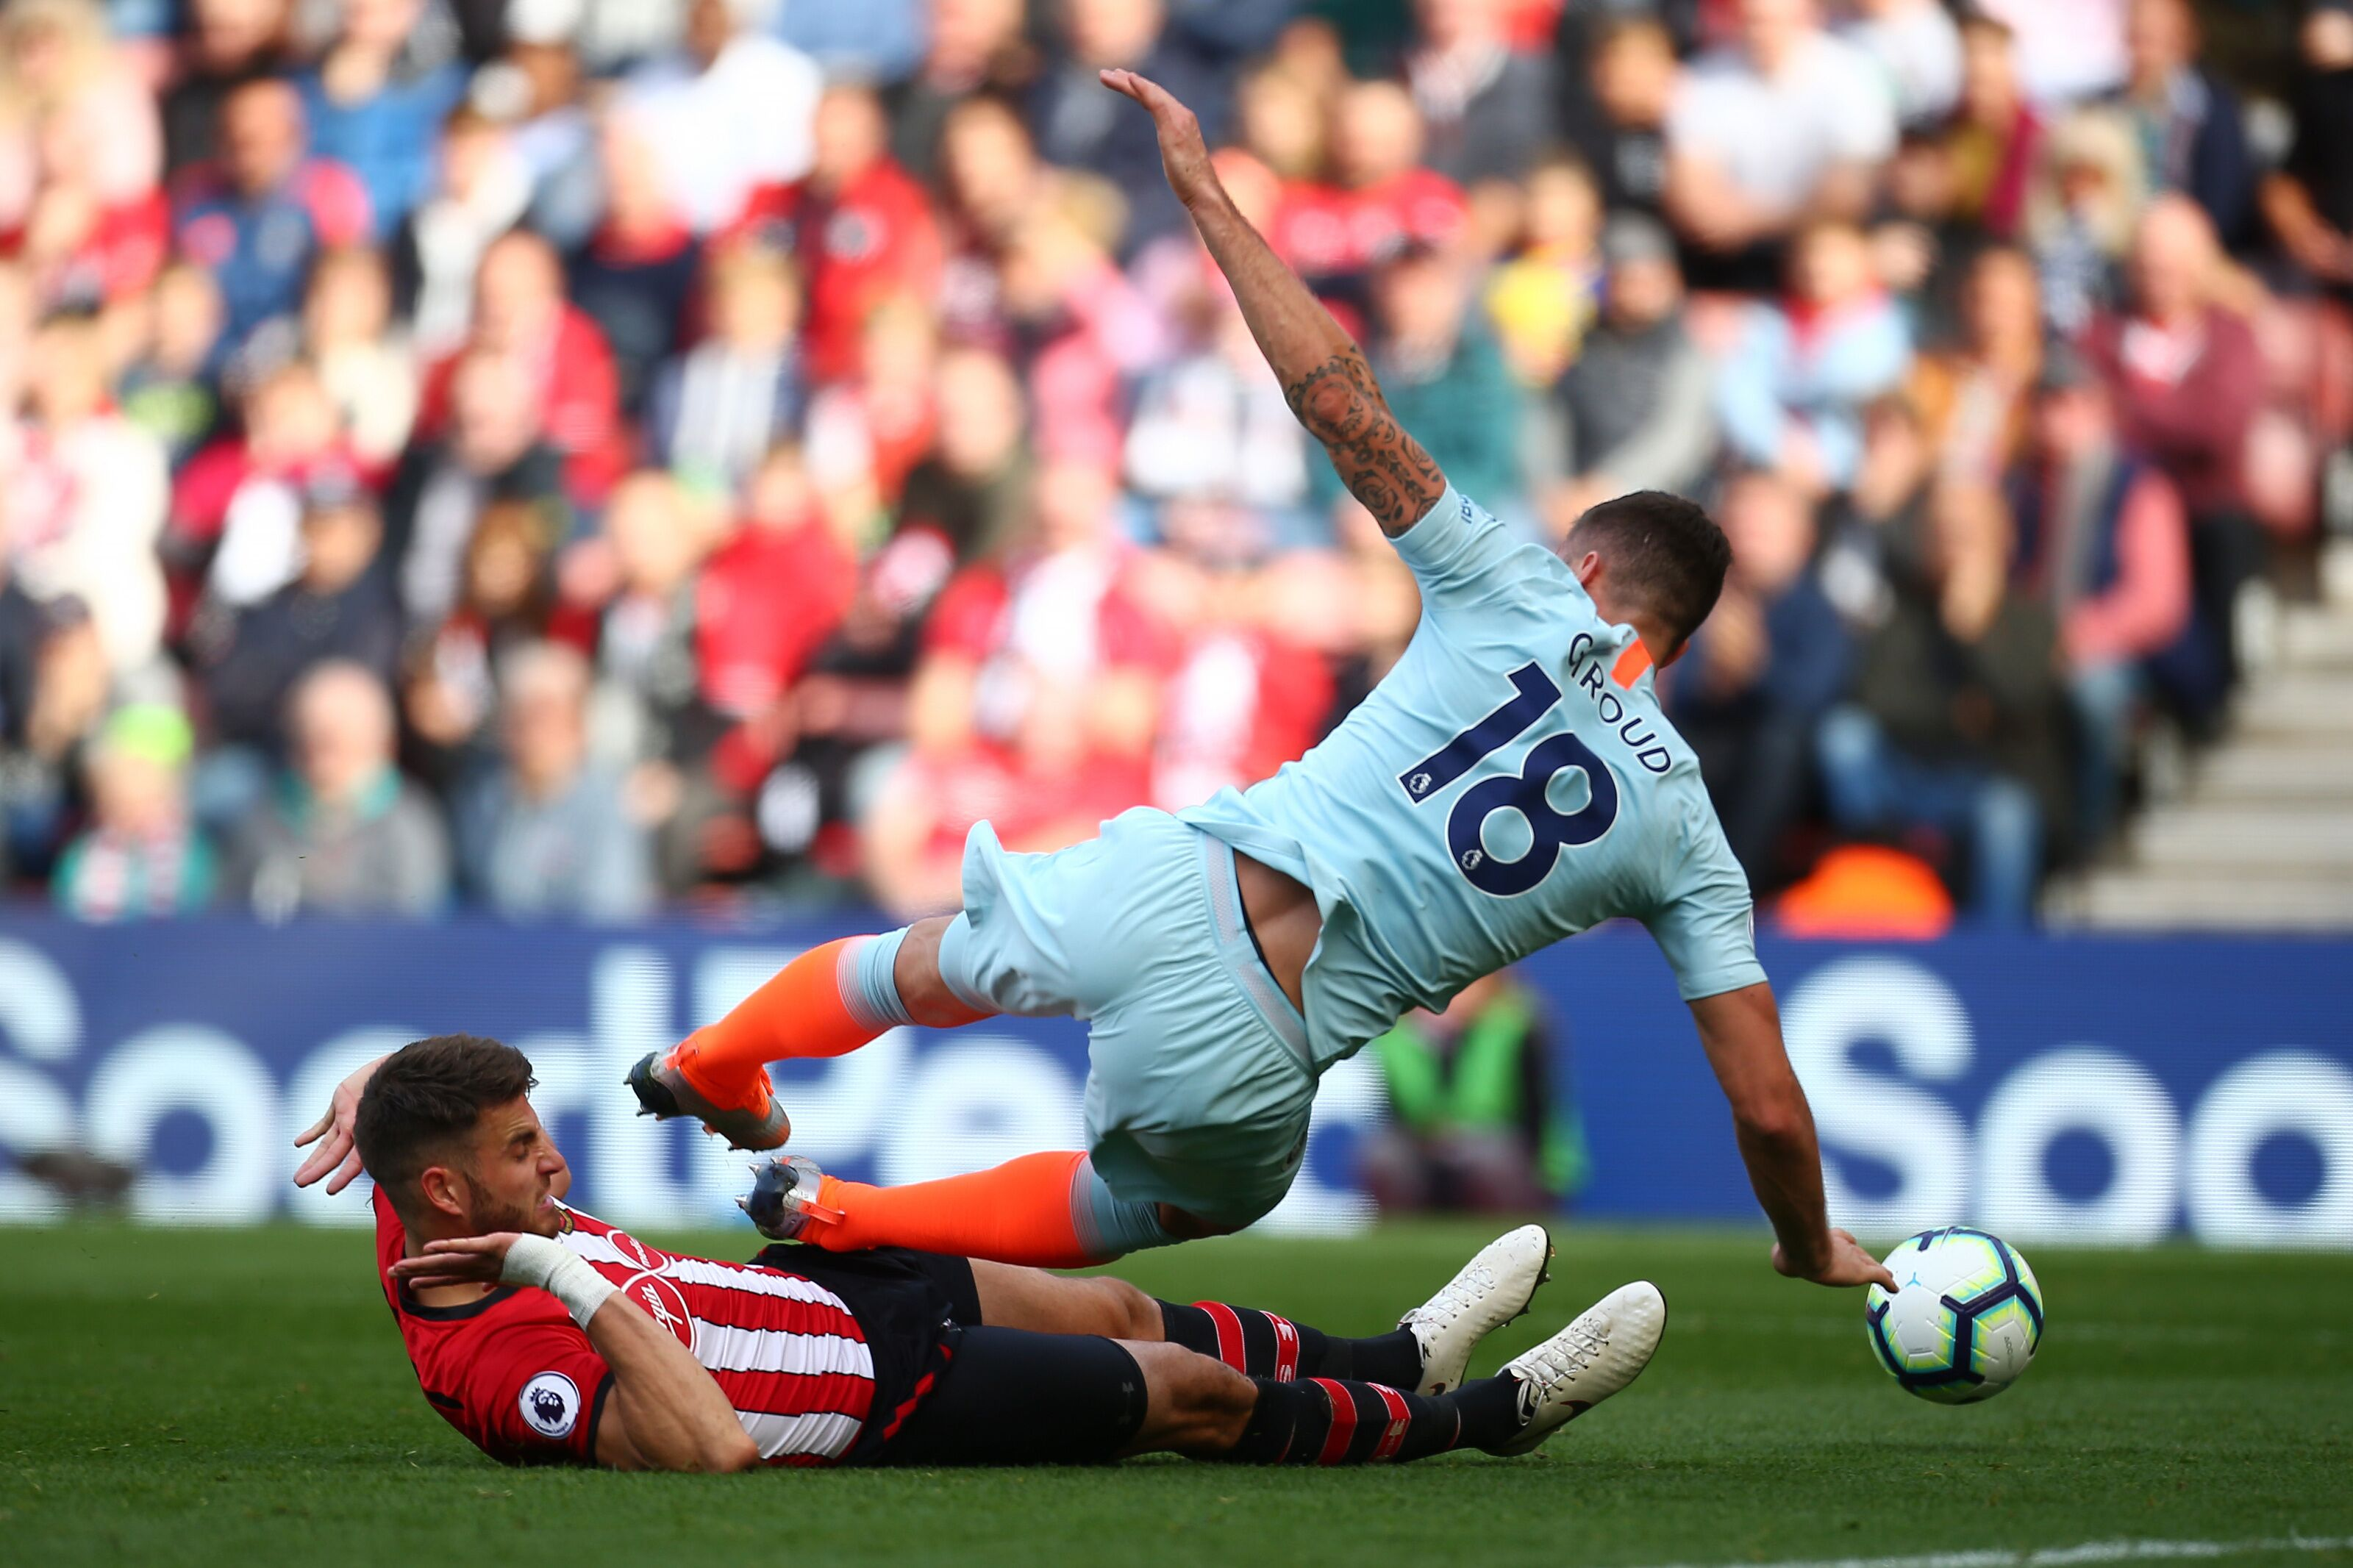 Southampton 0-3 Chelsea: Three key takeaways – 07/10/18